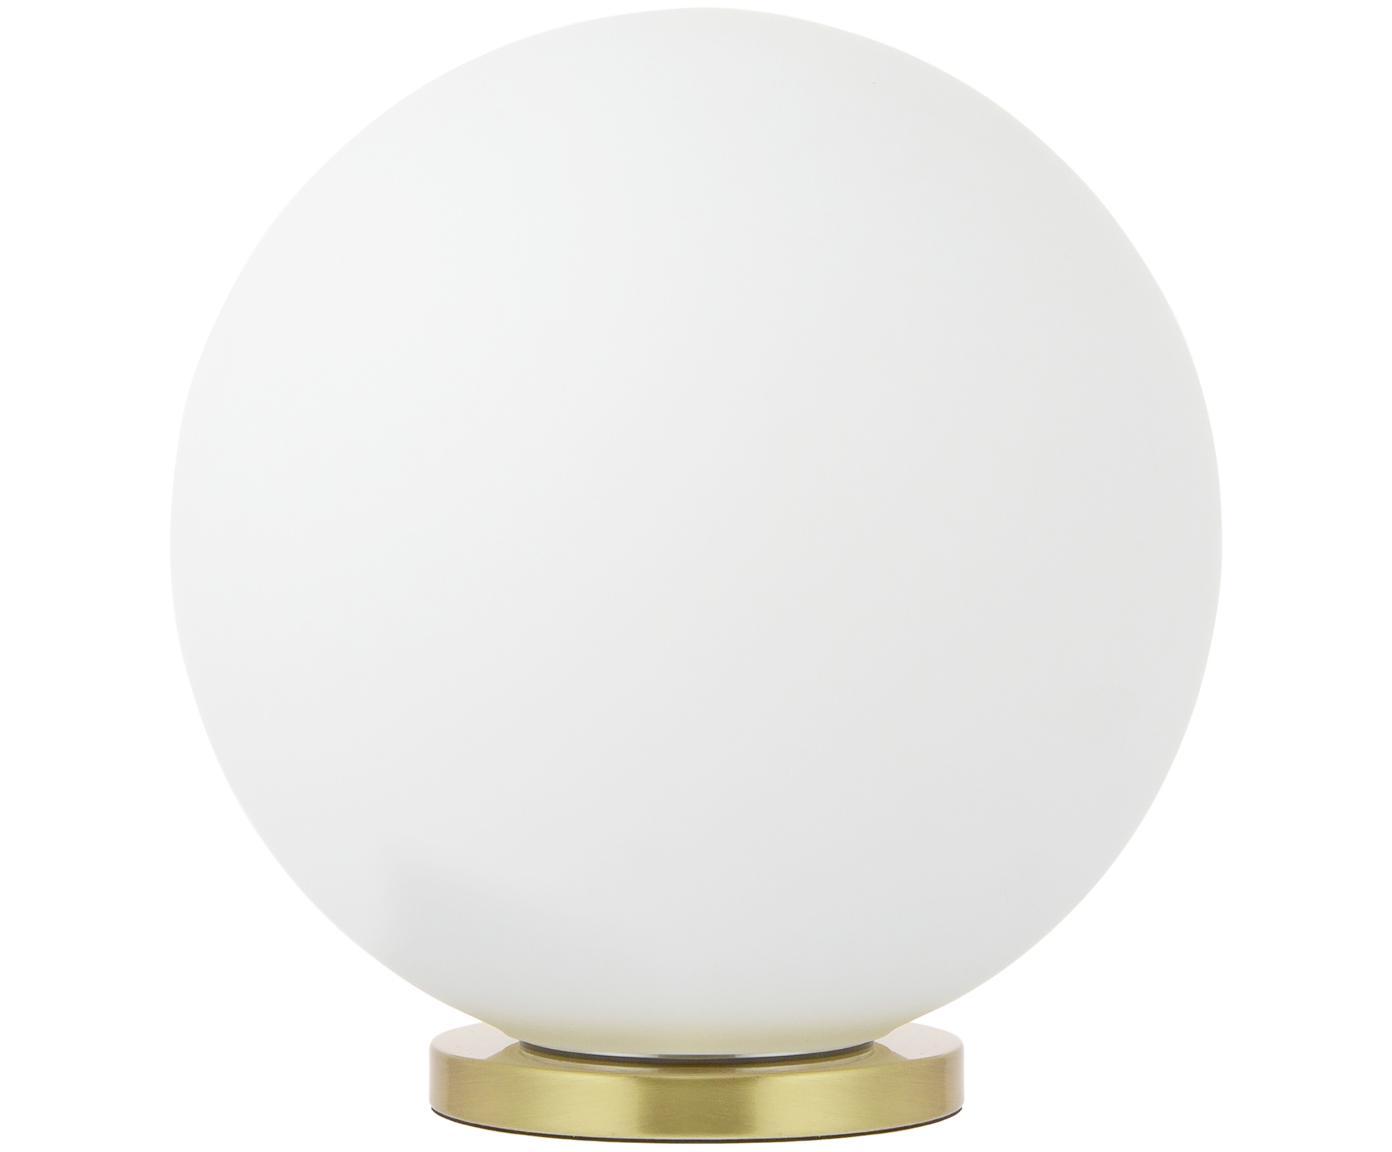 Runde Tischleuchte Beth, Lampenschirm: Glas, Lampenfuß: Metall, vermessingt, Weiß, Messing, Ø 25 x H 26 cm